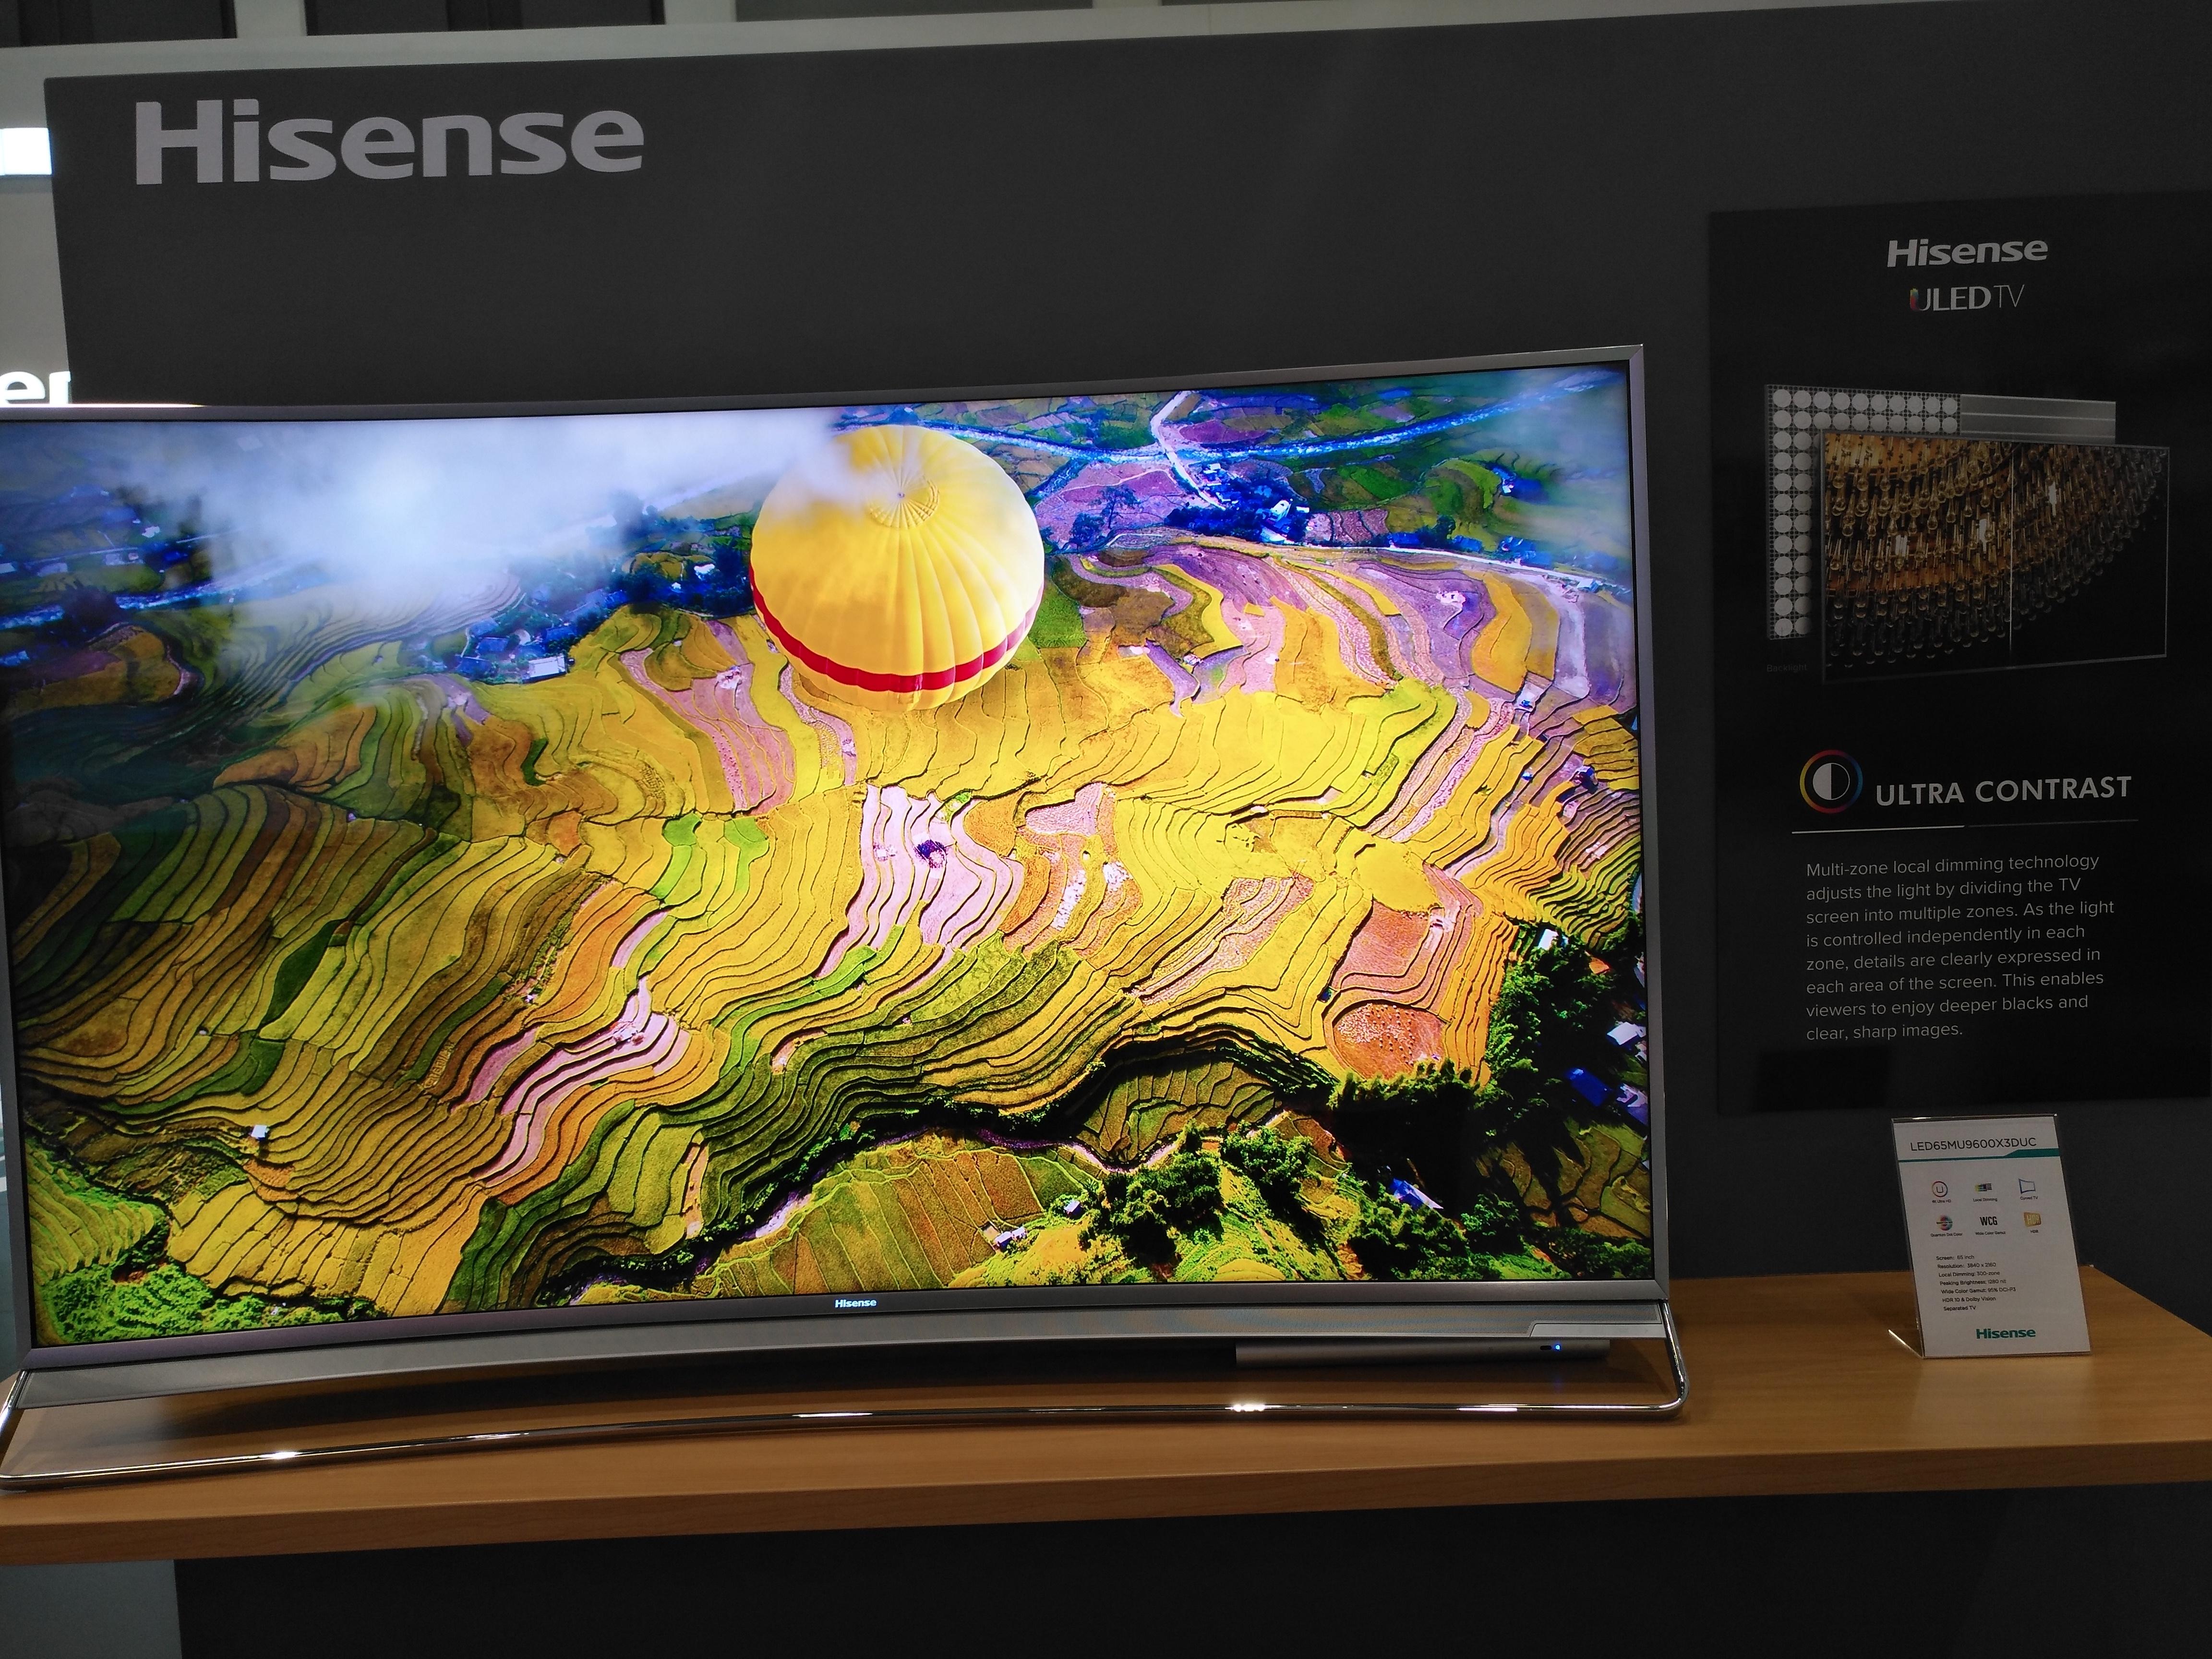 Aquí vemos la calidad Ultra-contrast que ofrece la firma Hisense